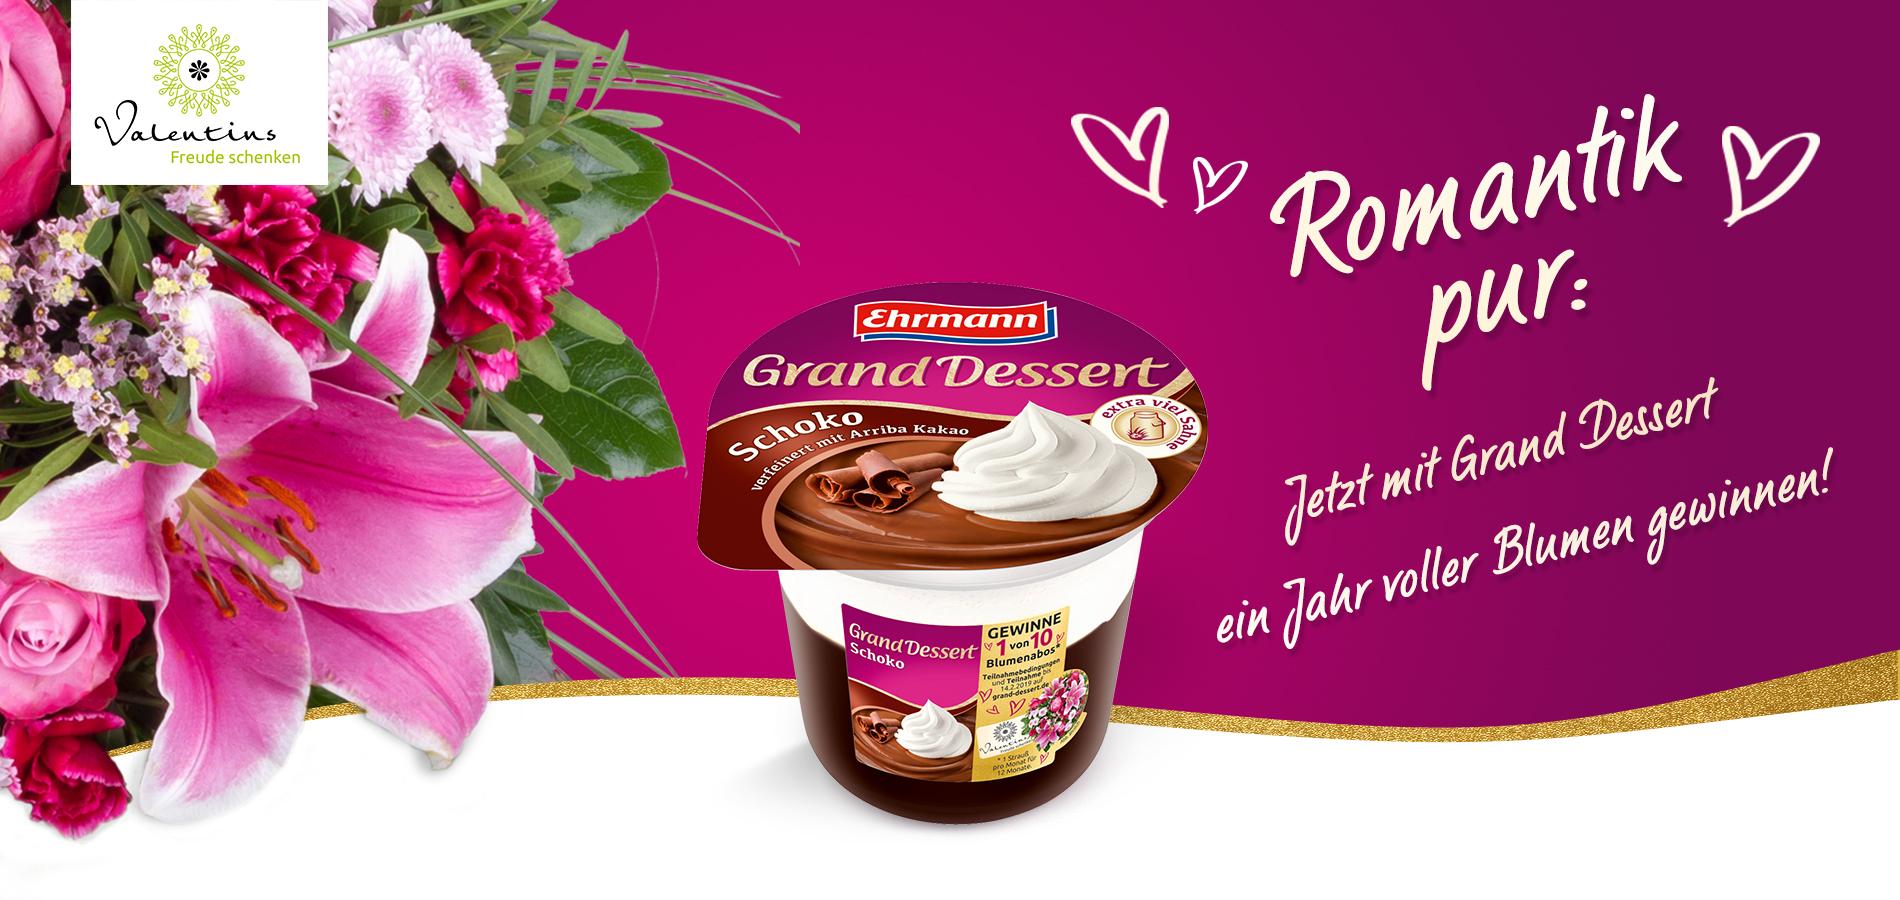 Grand Dessert Valentinstag Ehrmann Ag